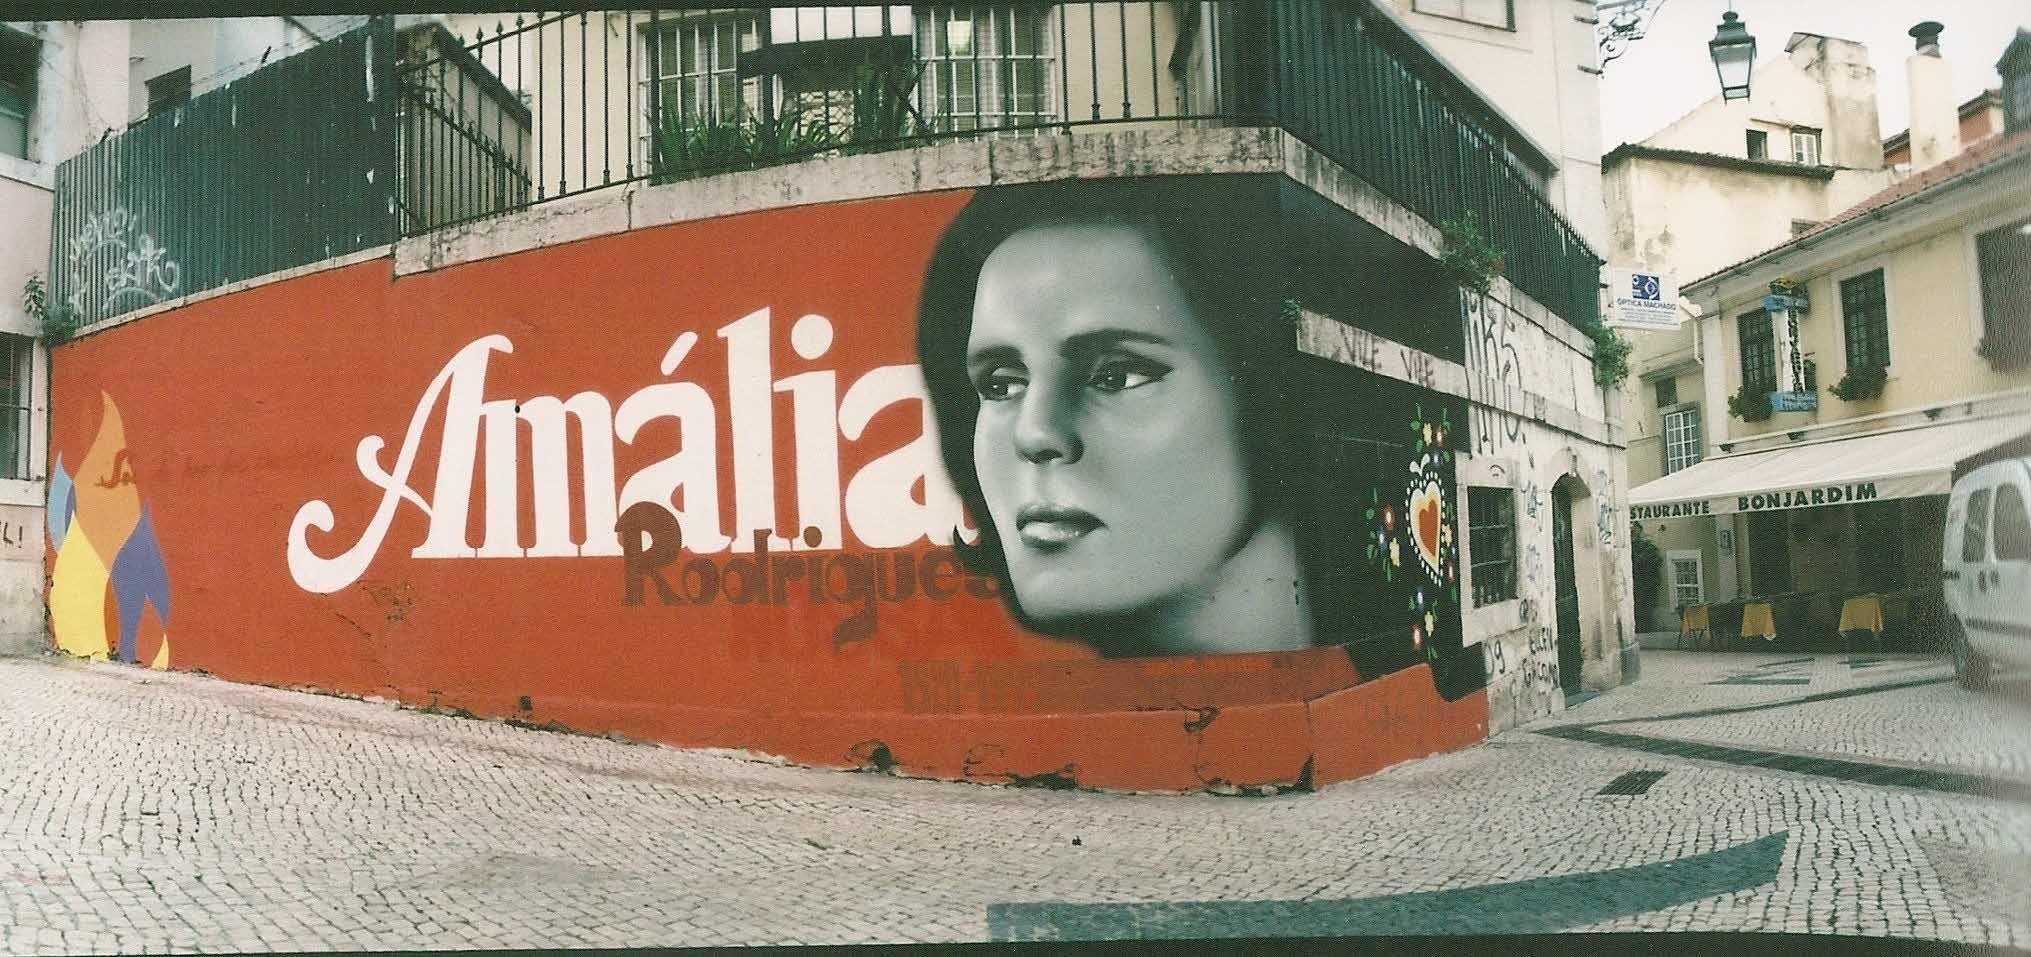 Produit portugais amalia rodrigues - Amalia rodrigues la maison sur le port ...